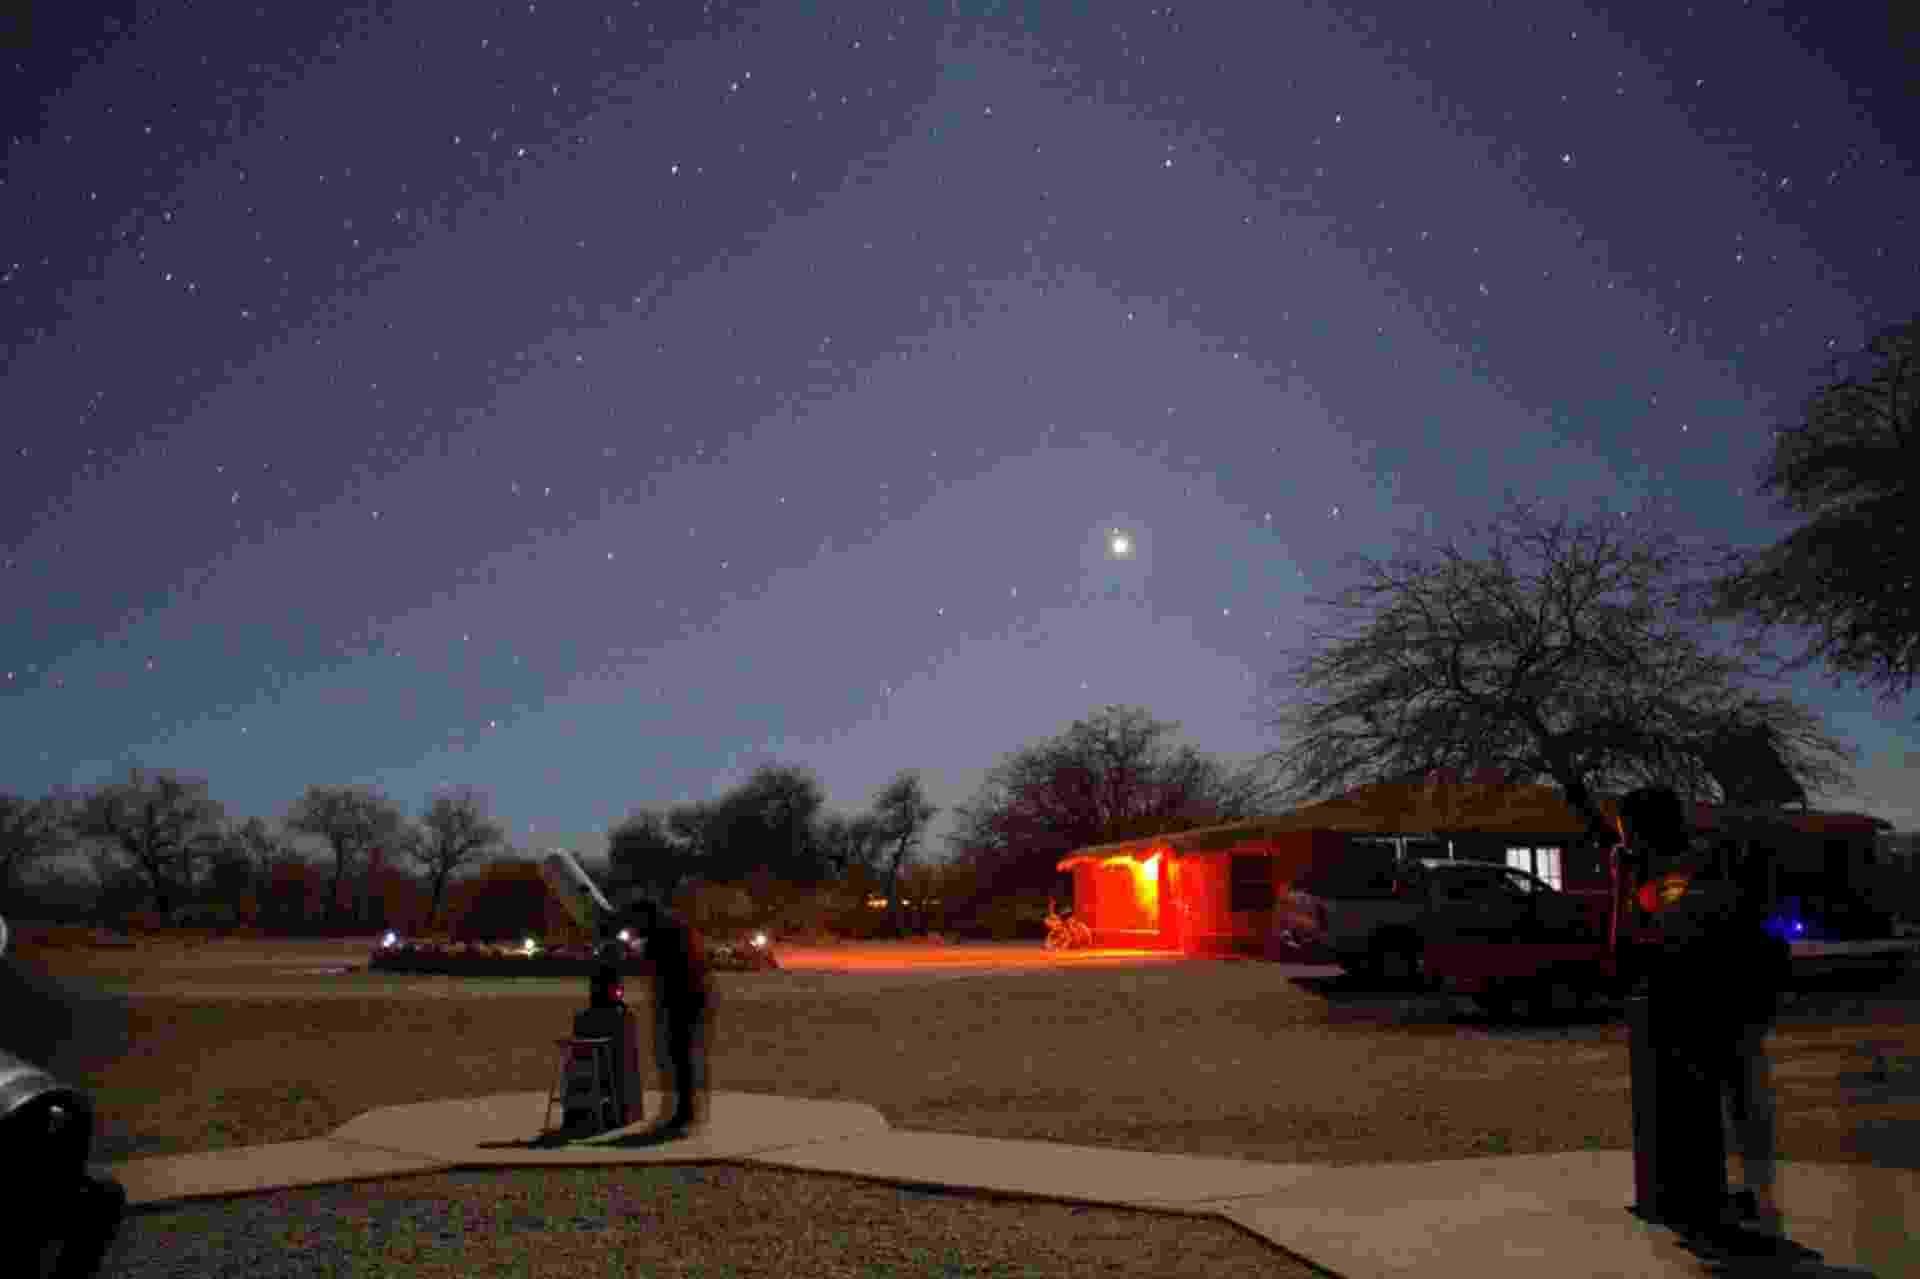 Dono de um dos céus mais limpos do planeta - com direito a 330 noites estreladas por ano, o Atacama é um dos melhores lugares para observação astronômica - Eduardo Vessoni/UOL